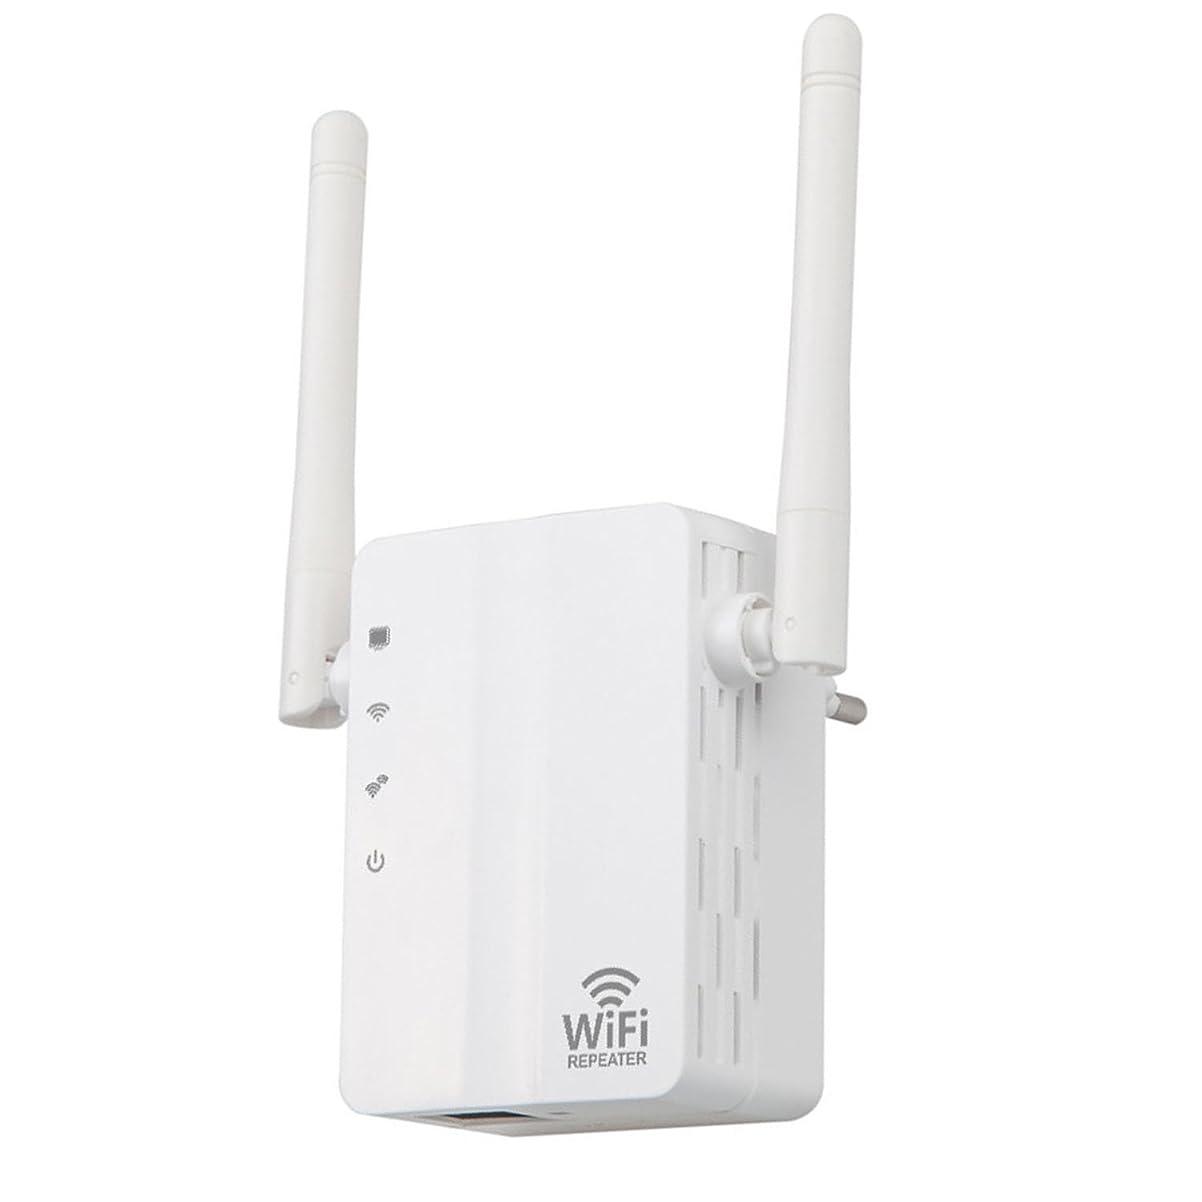 洞窟肘ディレイwifi中継器 無線LAN WiFi中継機 11n/g/b 300Mbps コンセント直挿し 無線信号増幅装備 超小型 省スペース 日本語説明書あり 一年保証